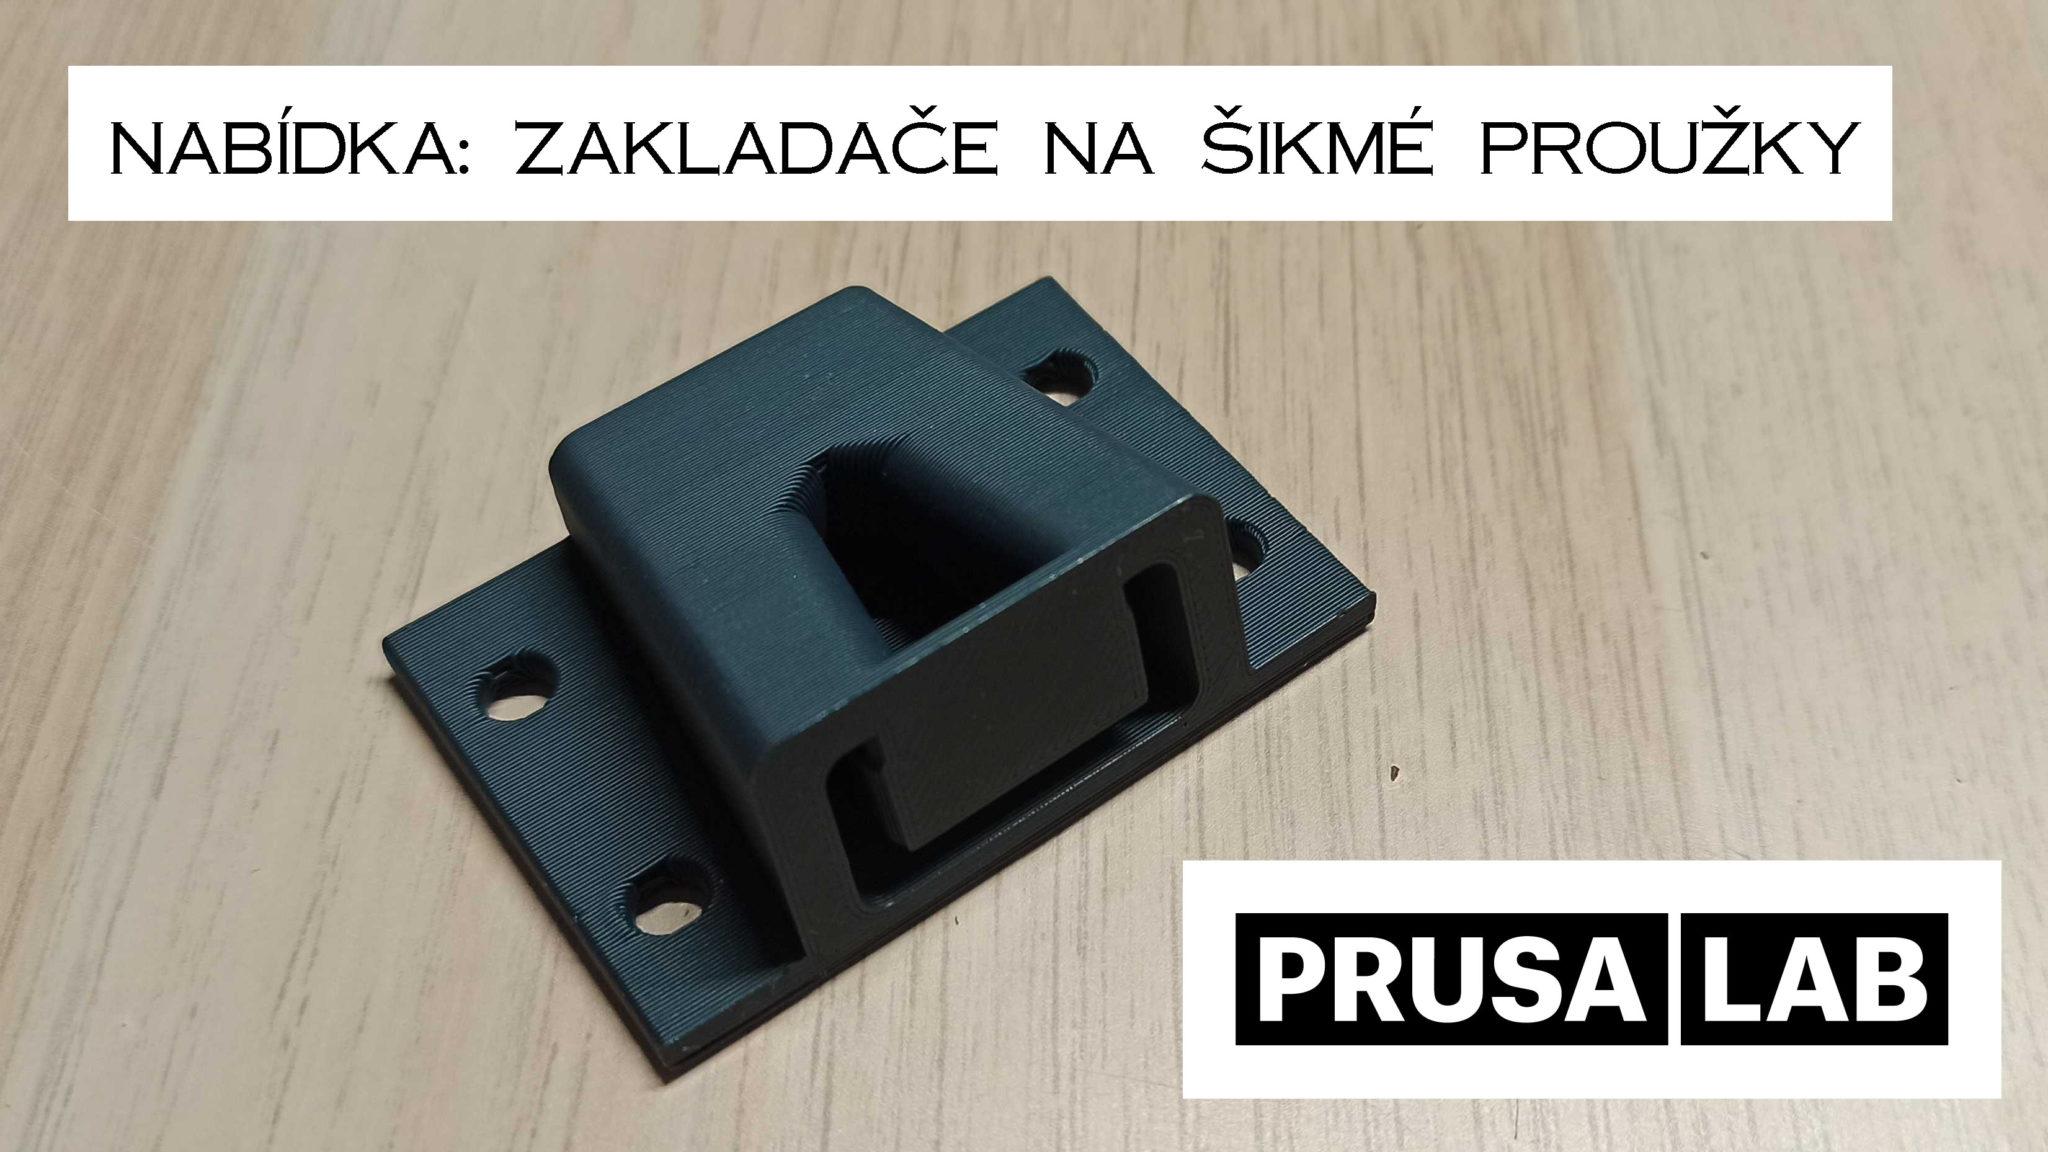 Nabídka zakladačů na šikmý proužek z 3D tiskáren PrusaLab